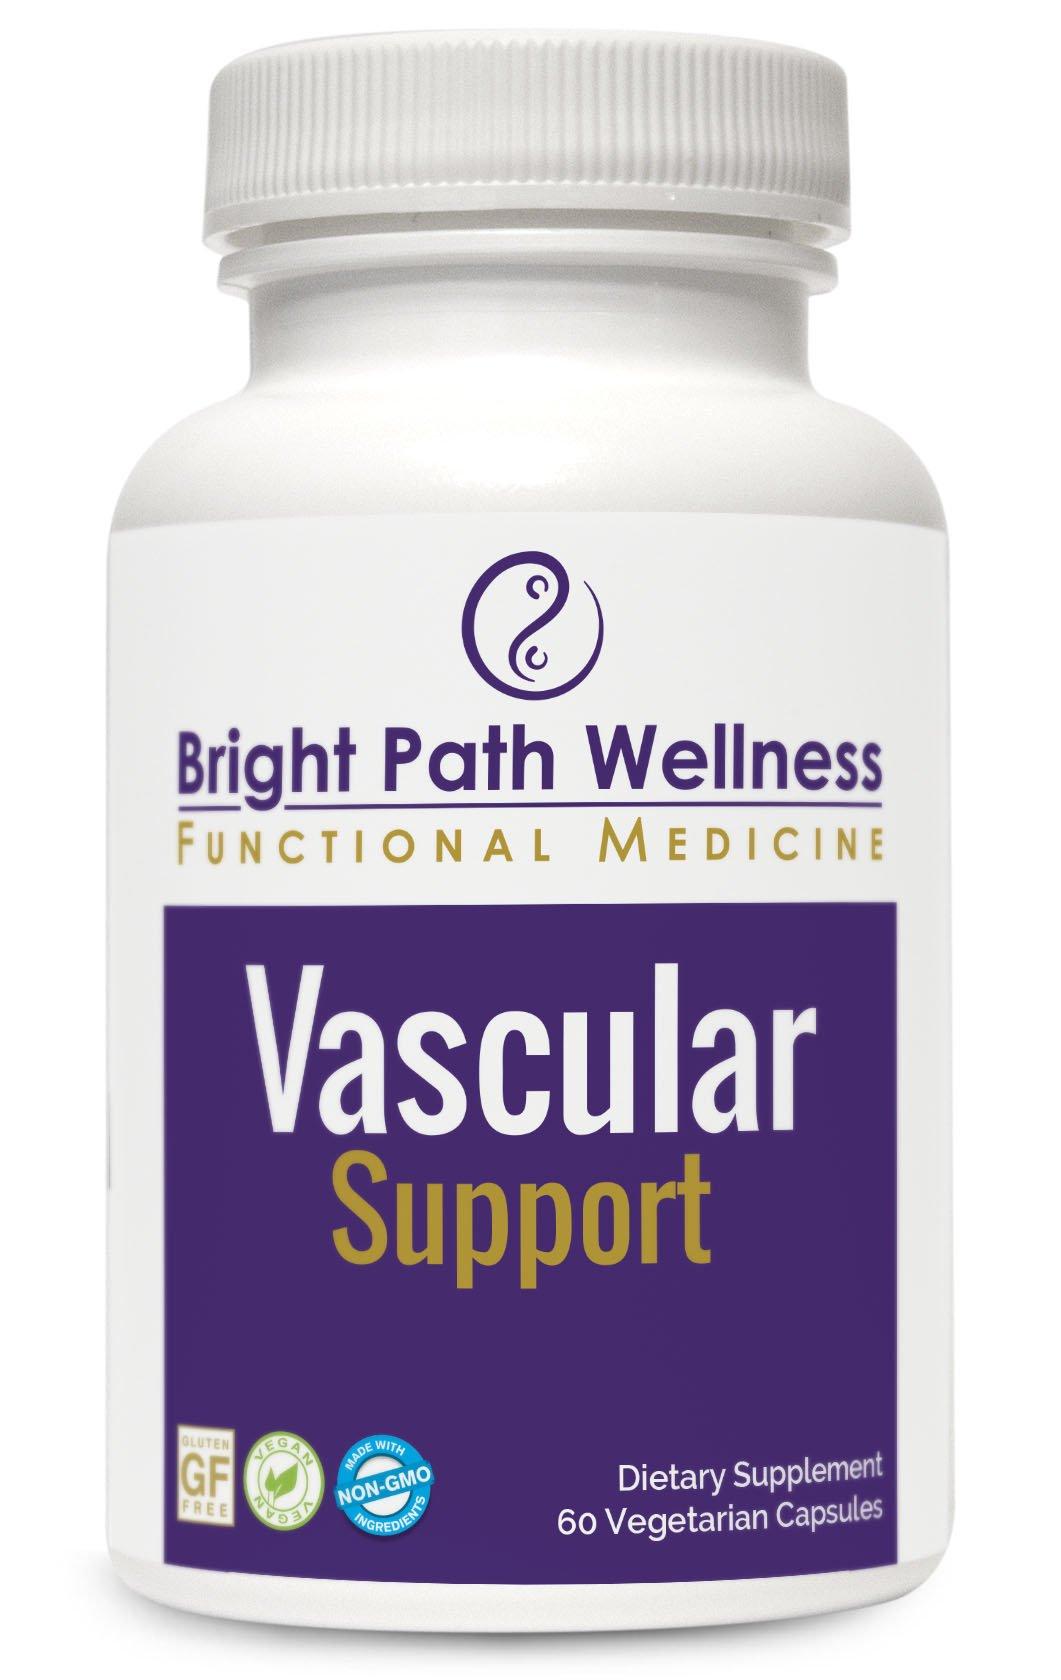 Vascular Support - 60 Capsules, Diosmin, Non GMO, Gluten Free, Caridovascular and Microcirculation Support, cGMP